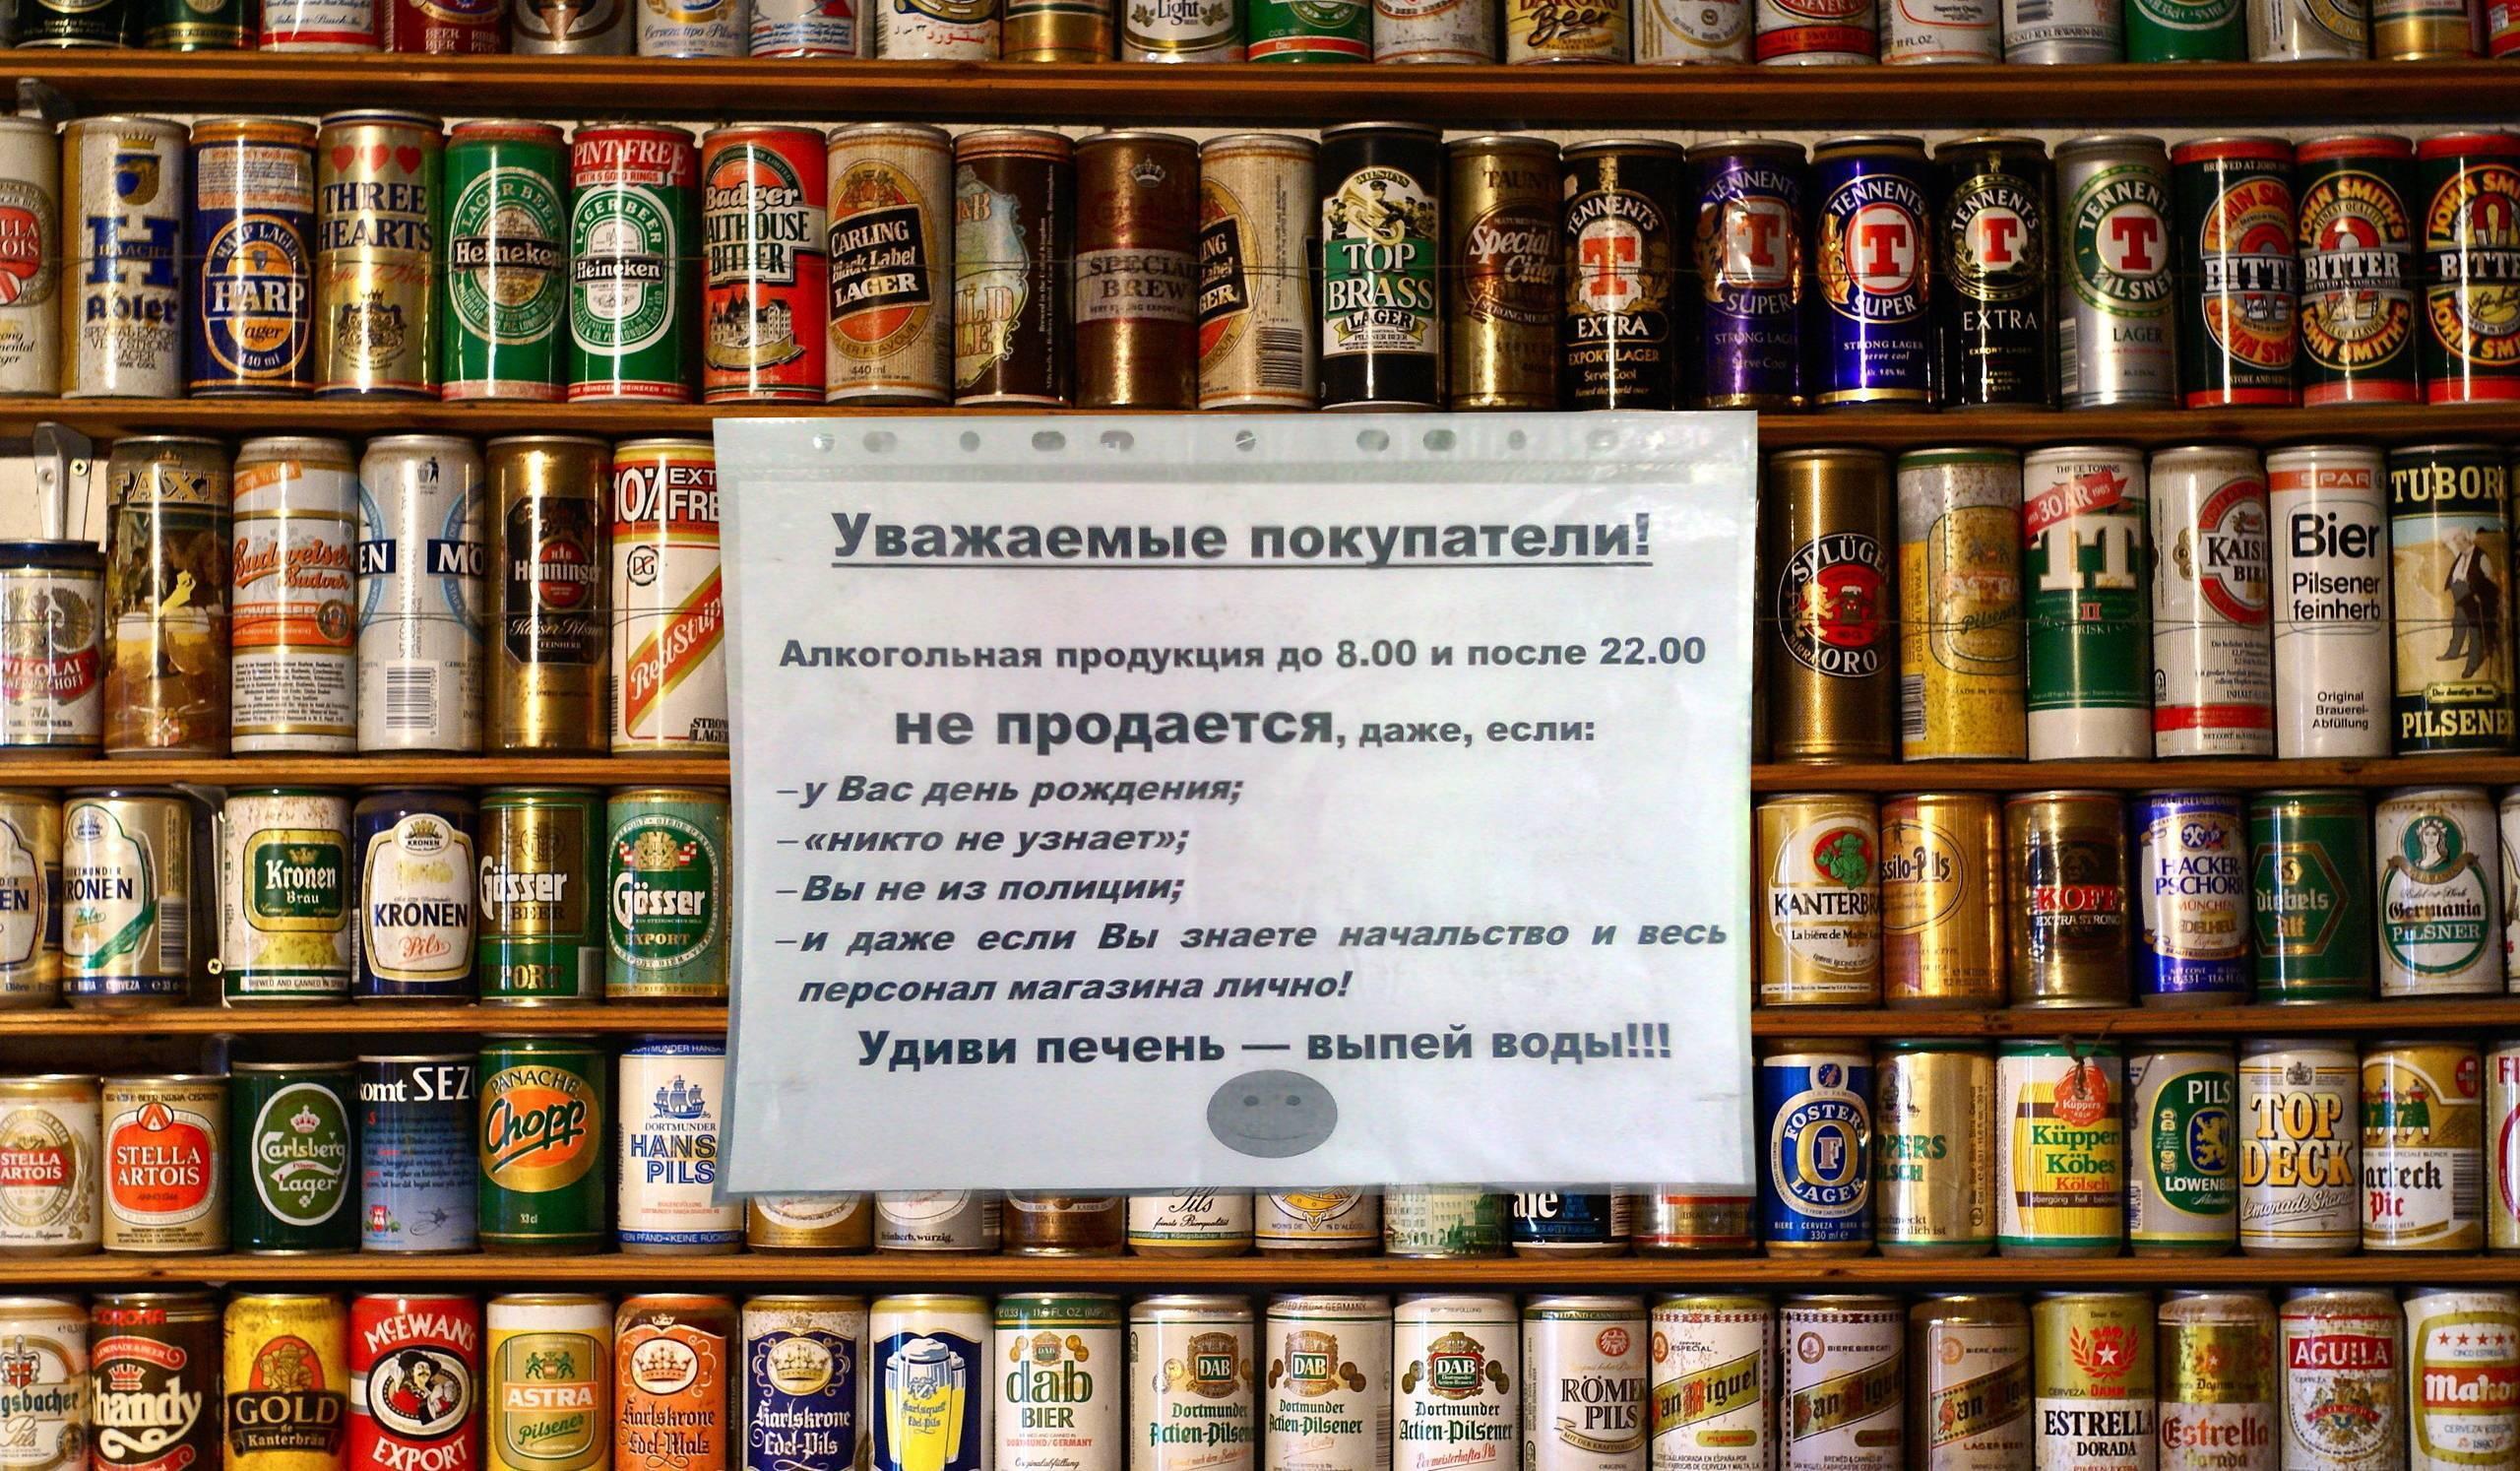 Со скольки и до скольки продают алкоголь в россии. часы и дни продажи алкоголя